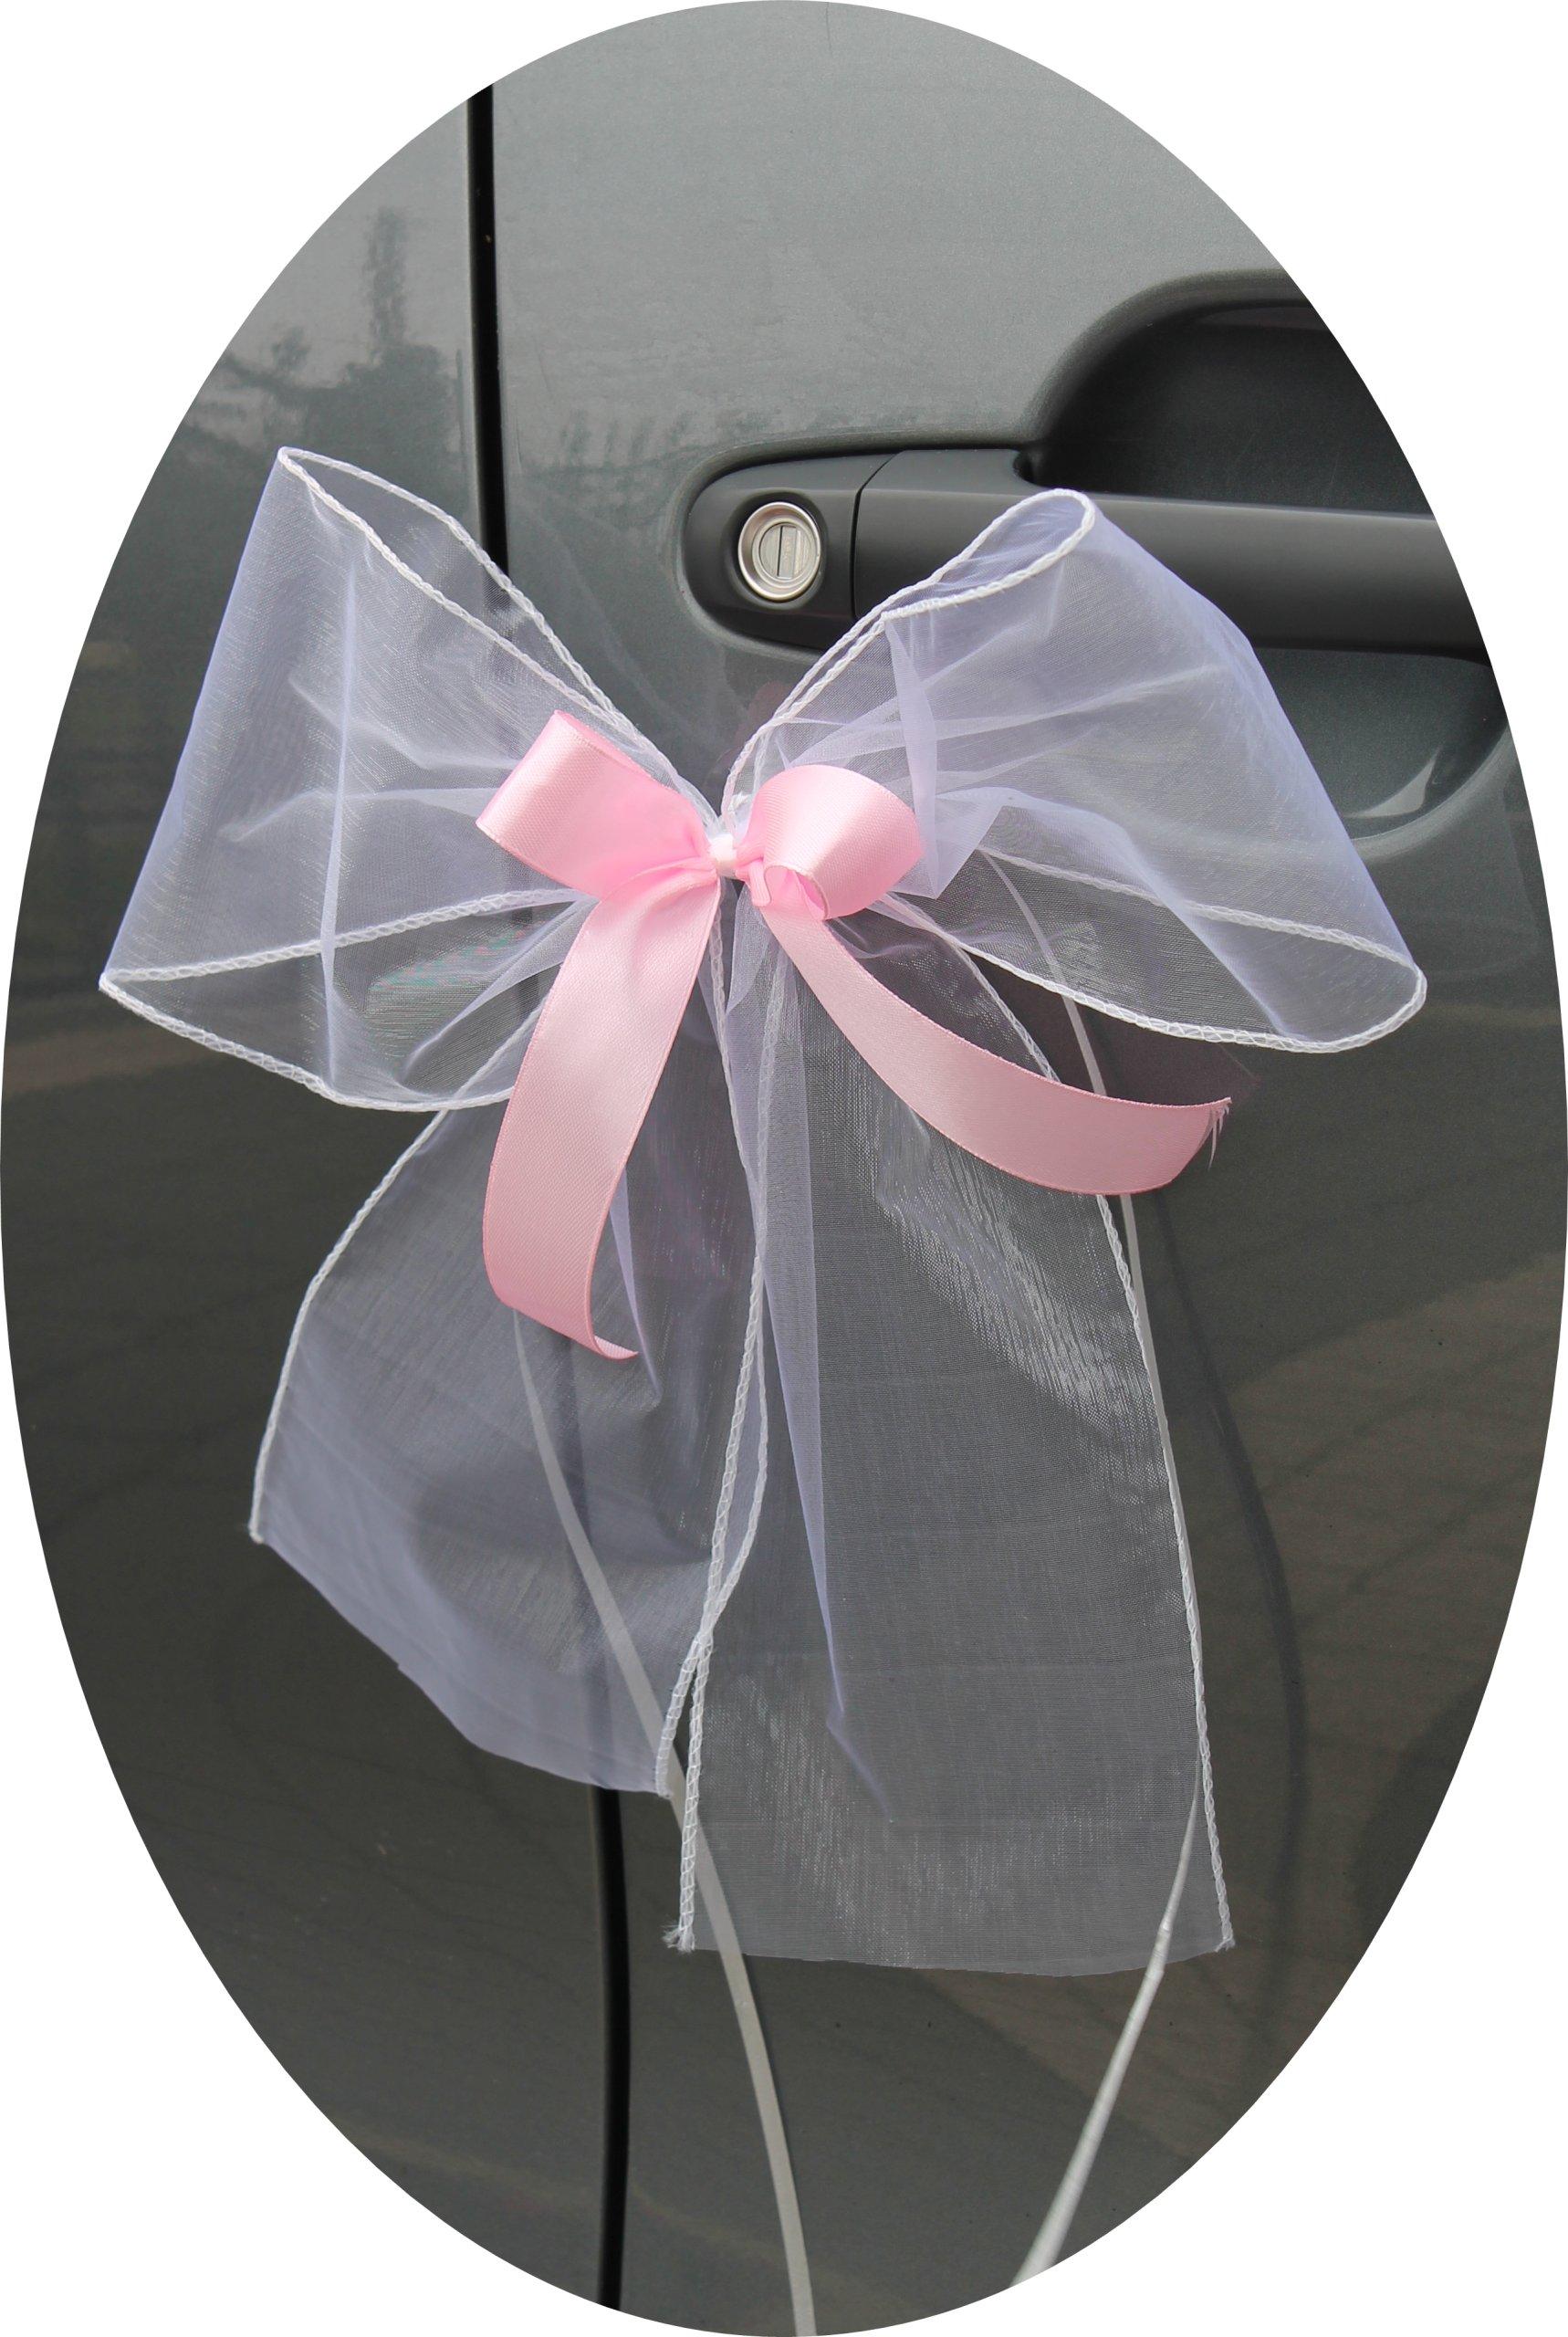 бантики декорация зал lawek дома автомобиля свадьба